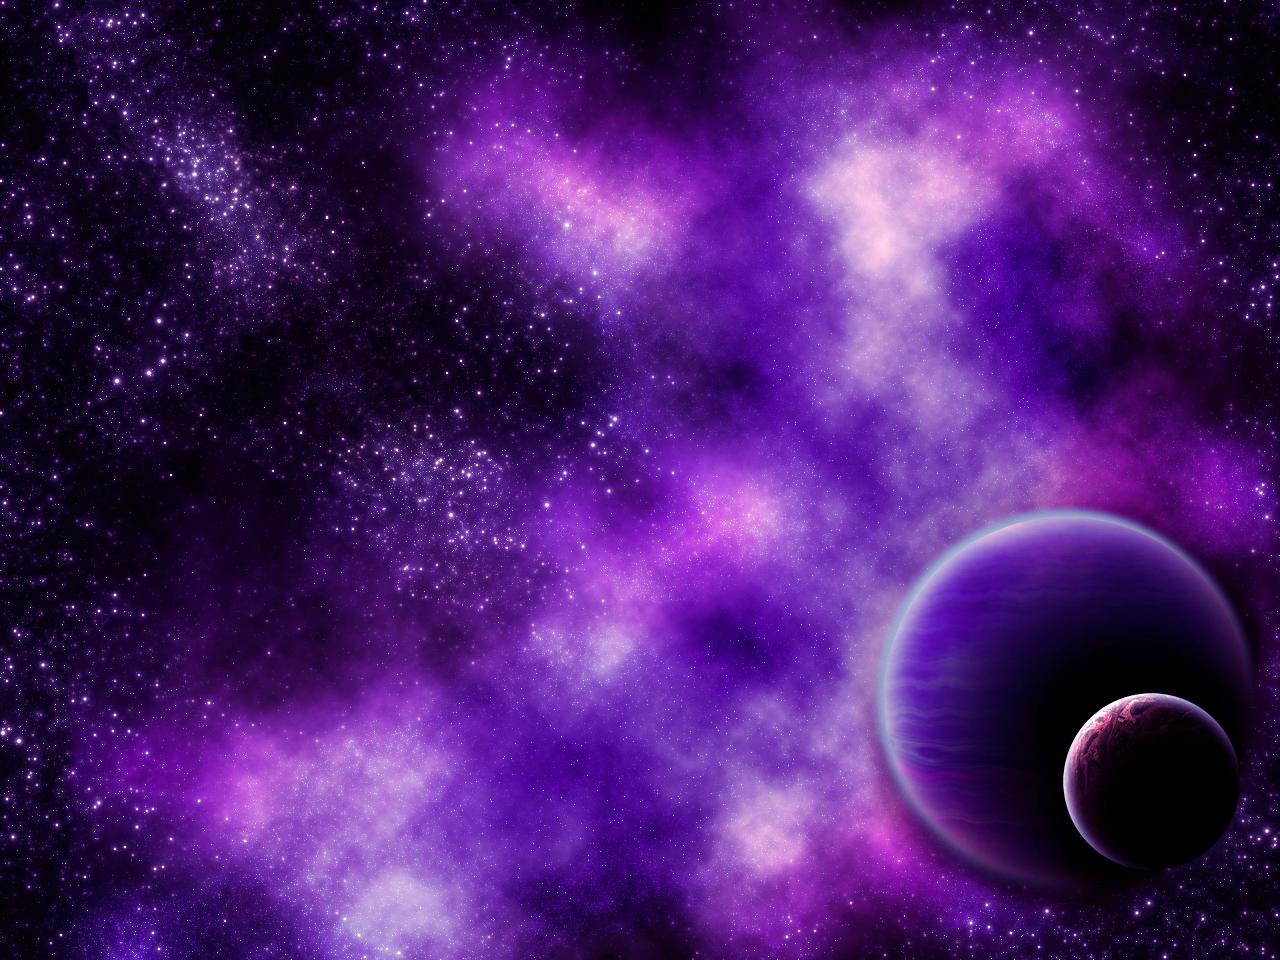 blue and purple nebula - photo #8